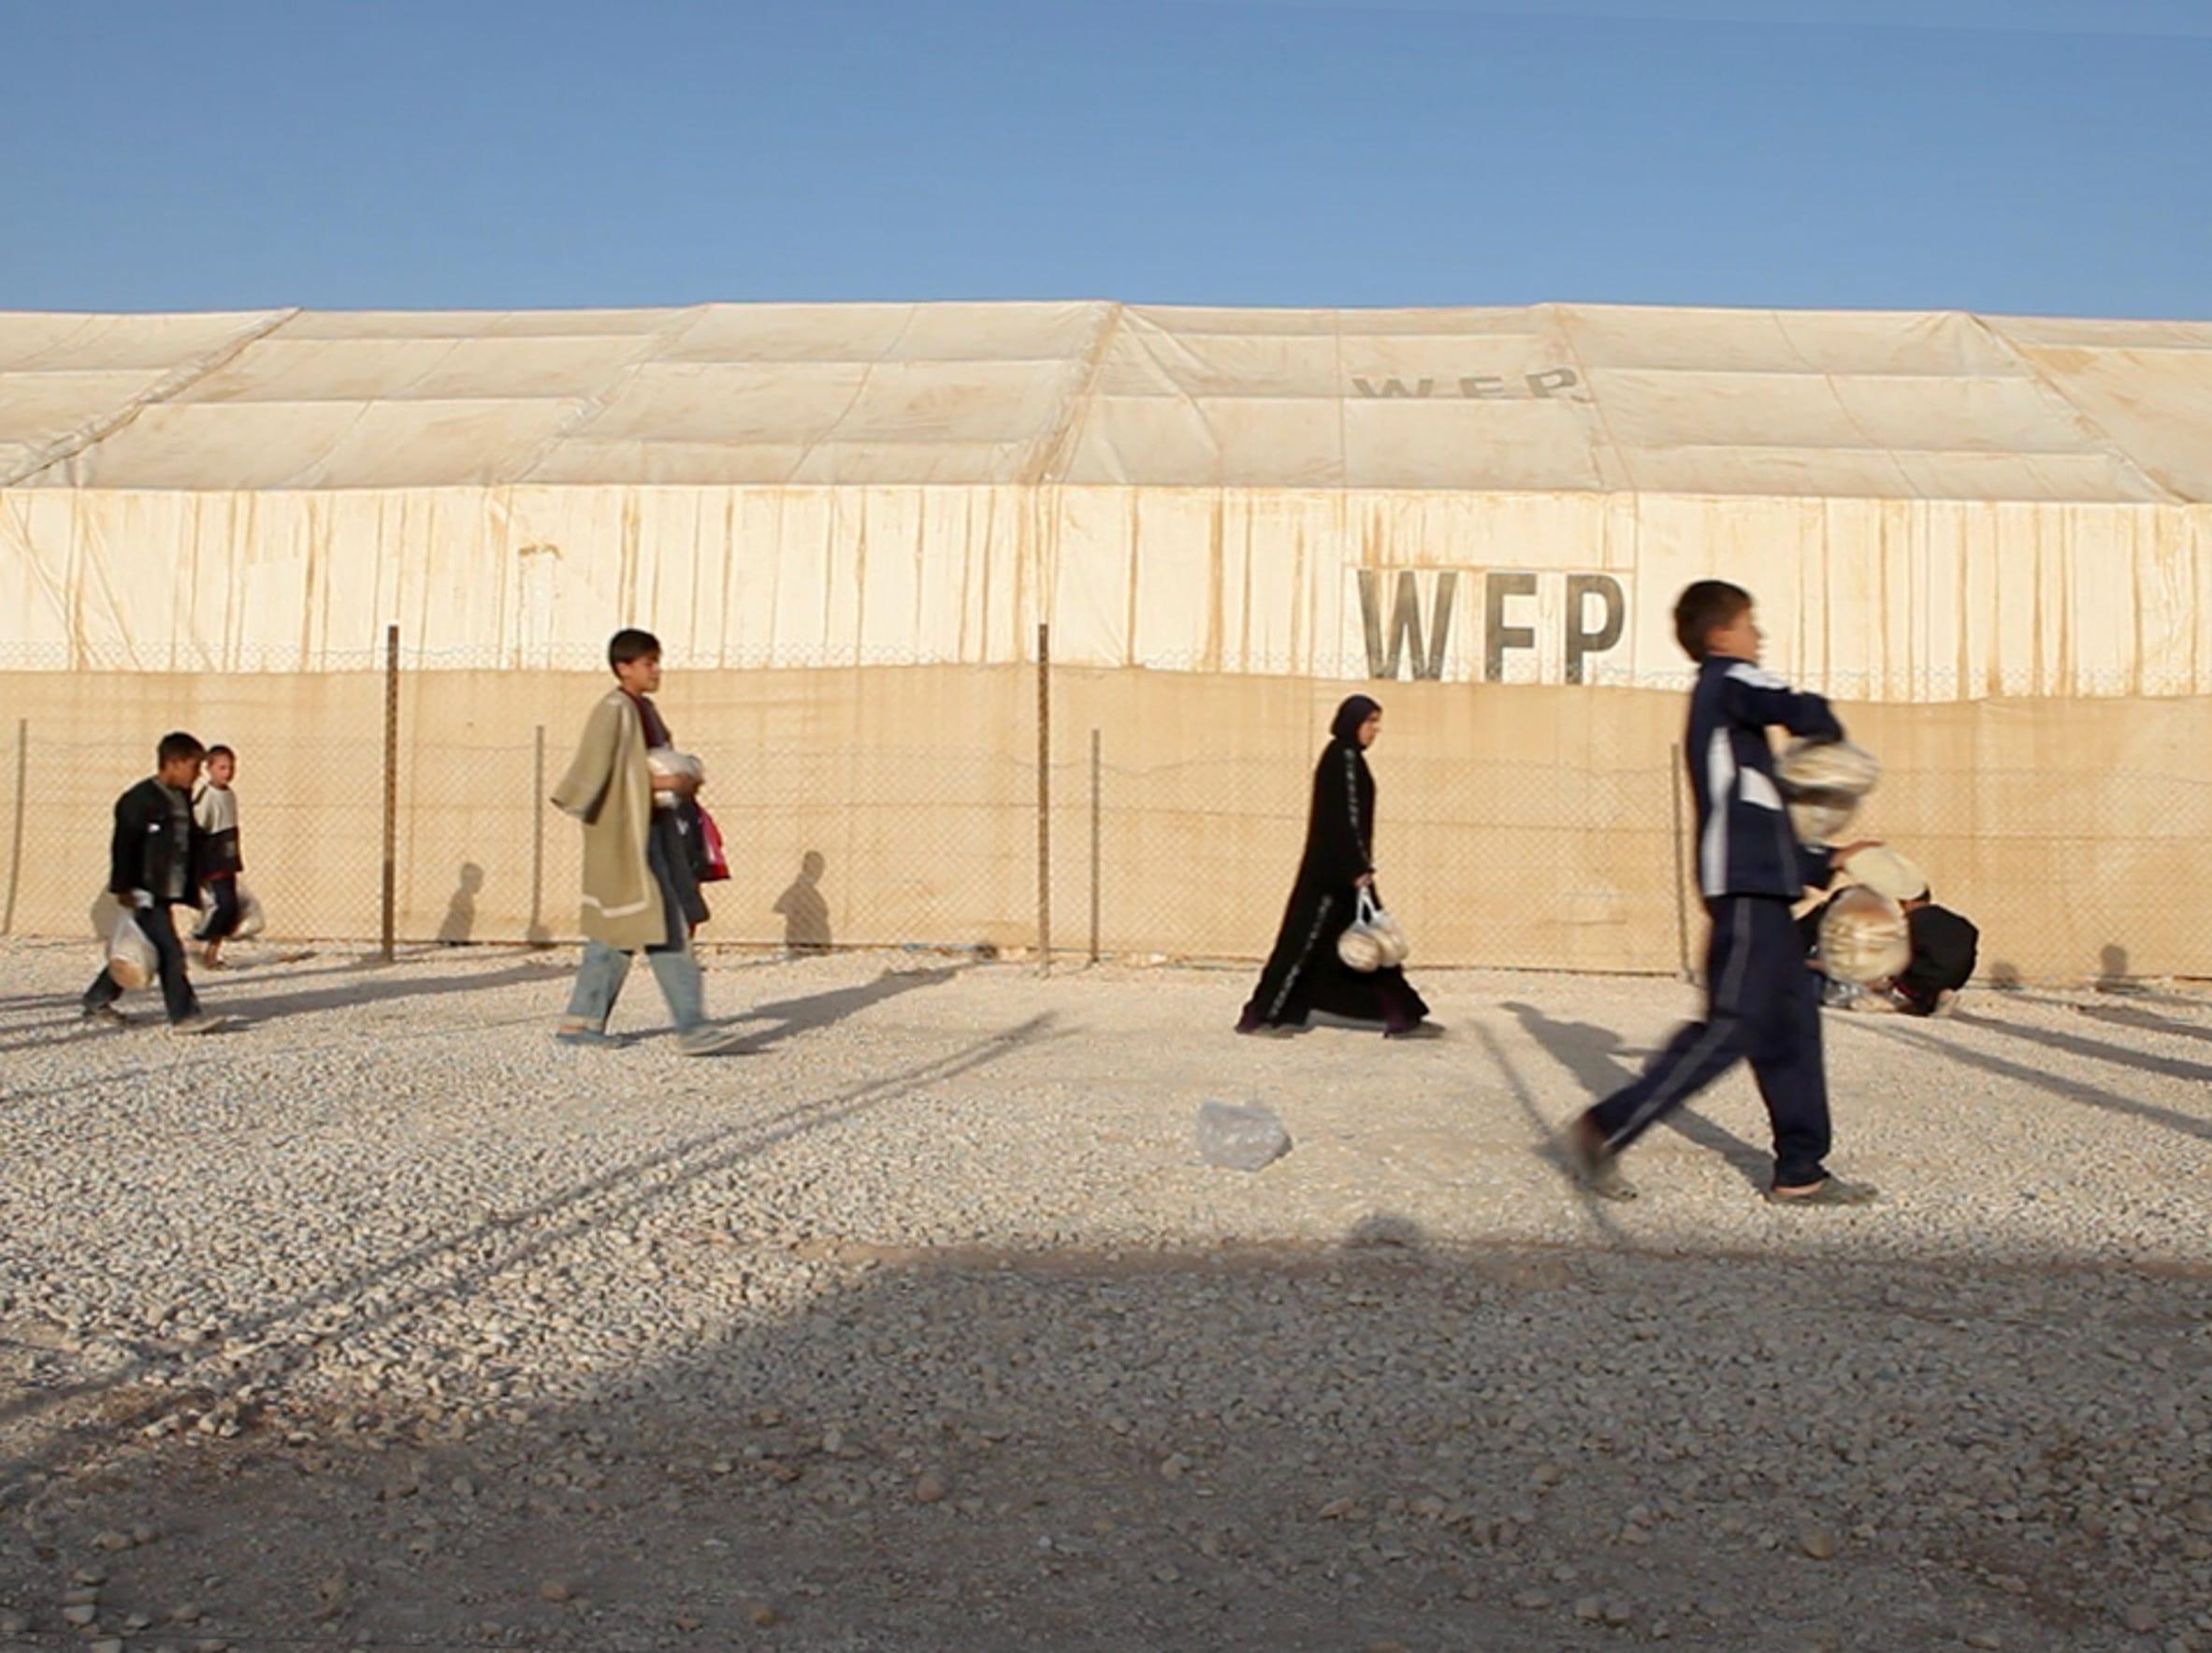 Zaatari refugee camp in Jordan.